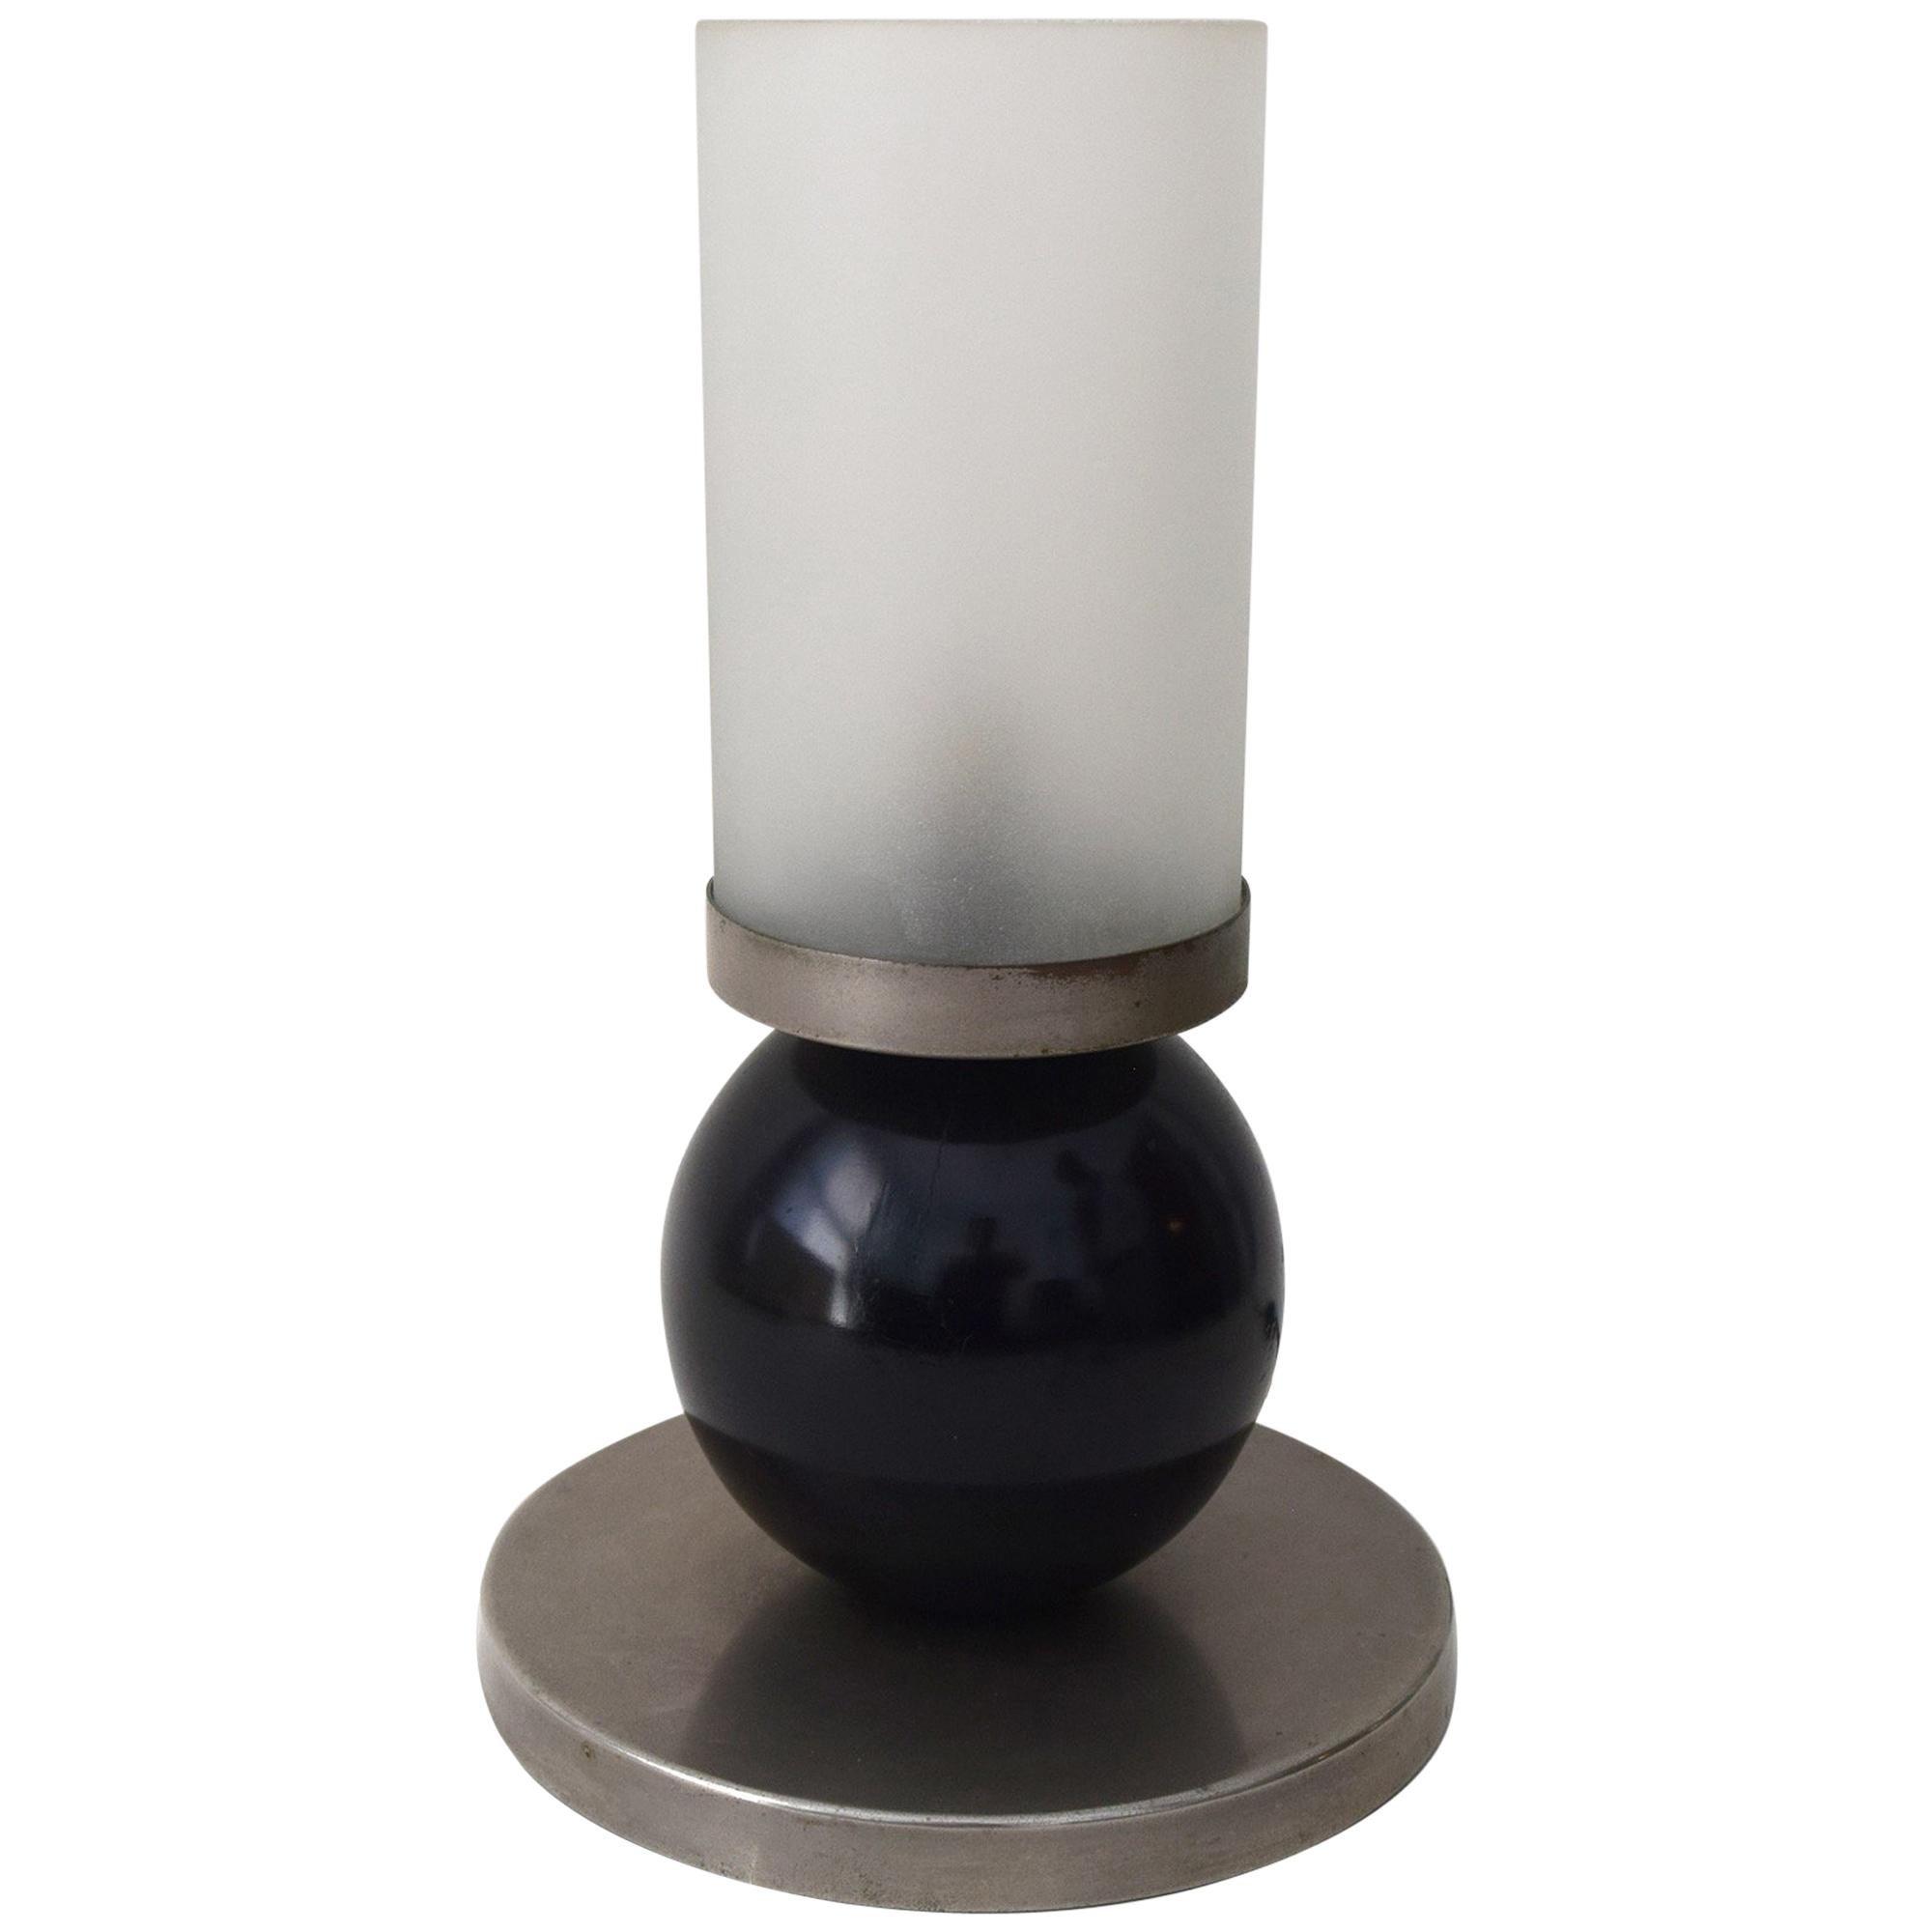 Boris Lacroix 1930s Modernist Lamp